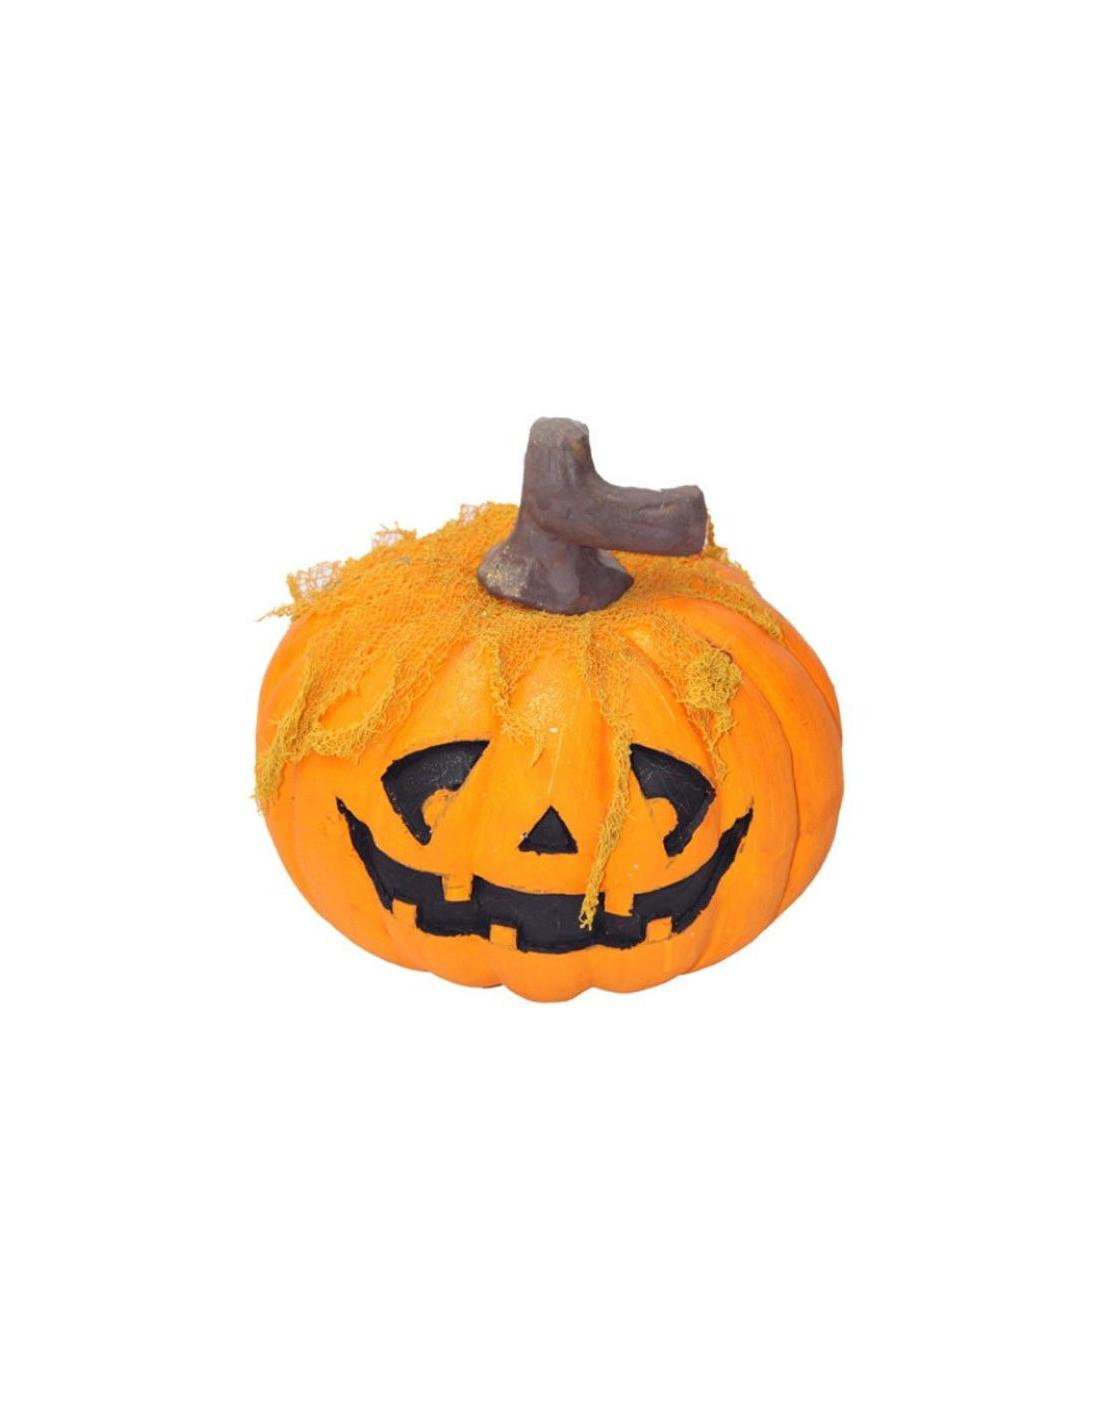 Calabaza hallowen de corcho - Comprar en Tienda Disfraces Bacanal